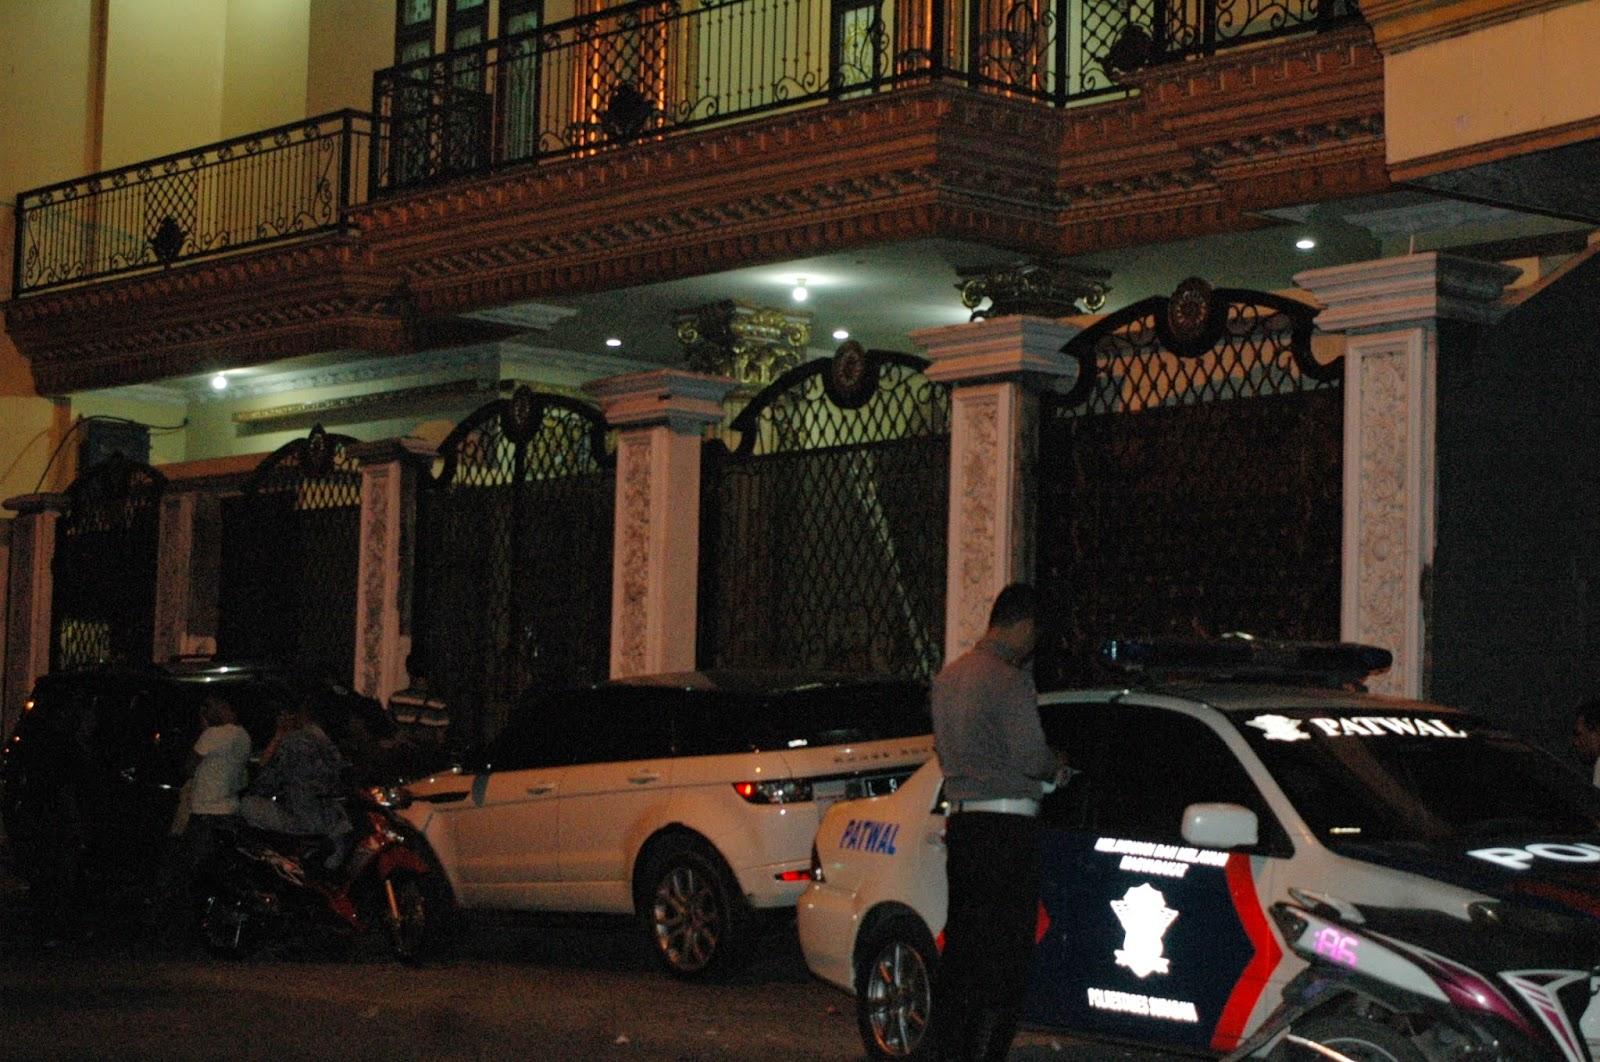 KPK datangi Rumah H. Hasyim ( H. Hodden ) Jalan Sidorami 50 dan 52 Surabaya